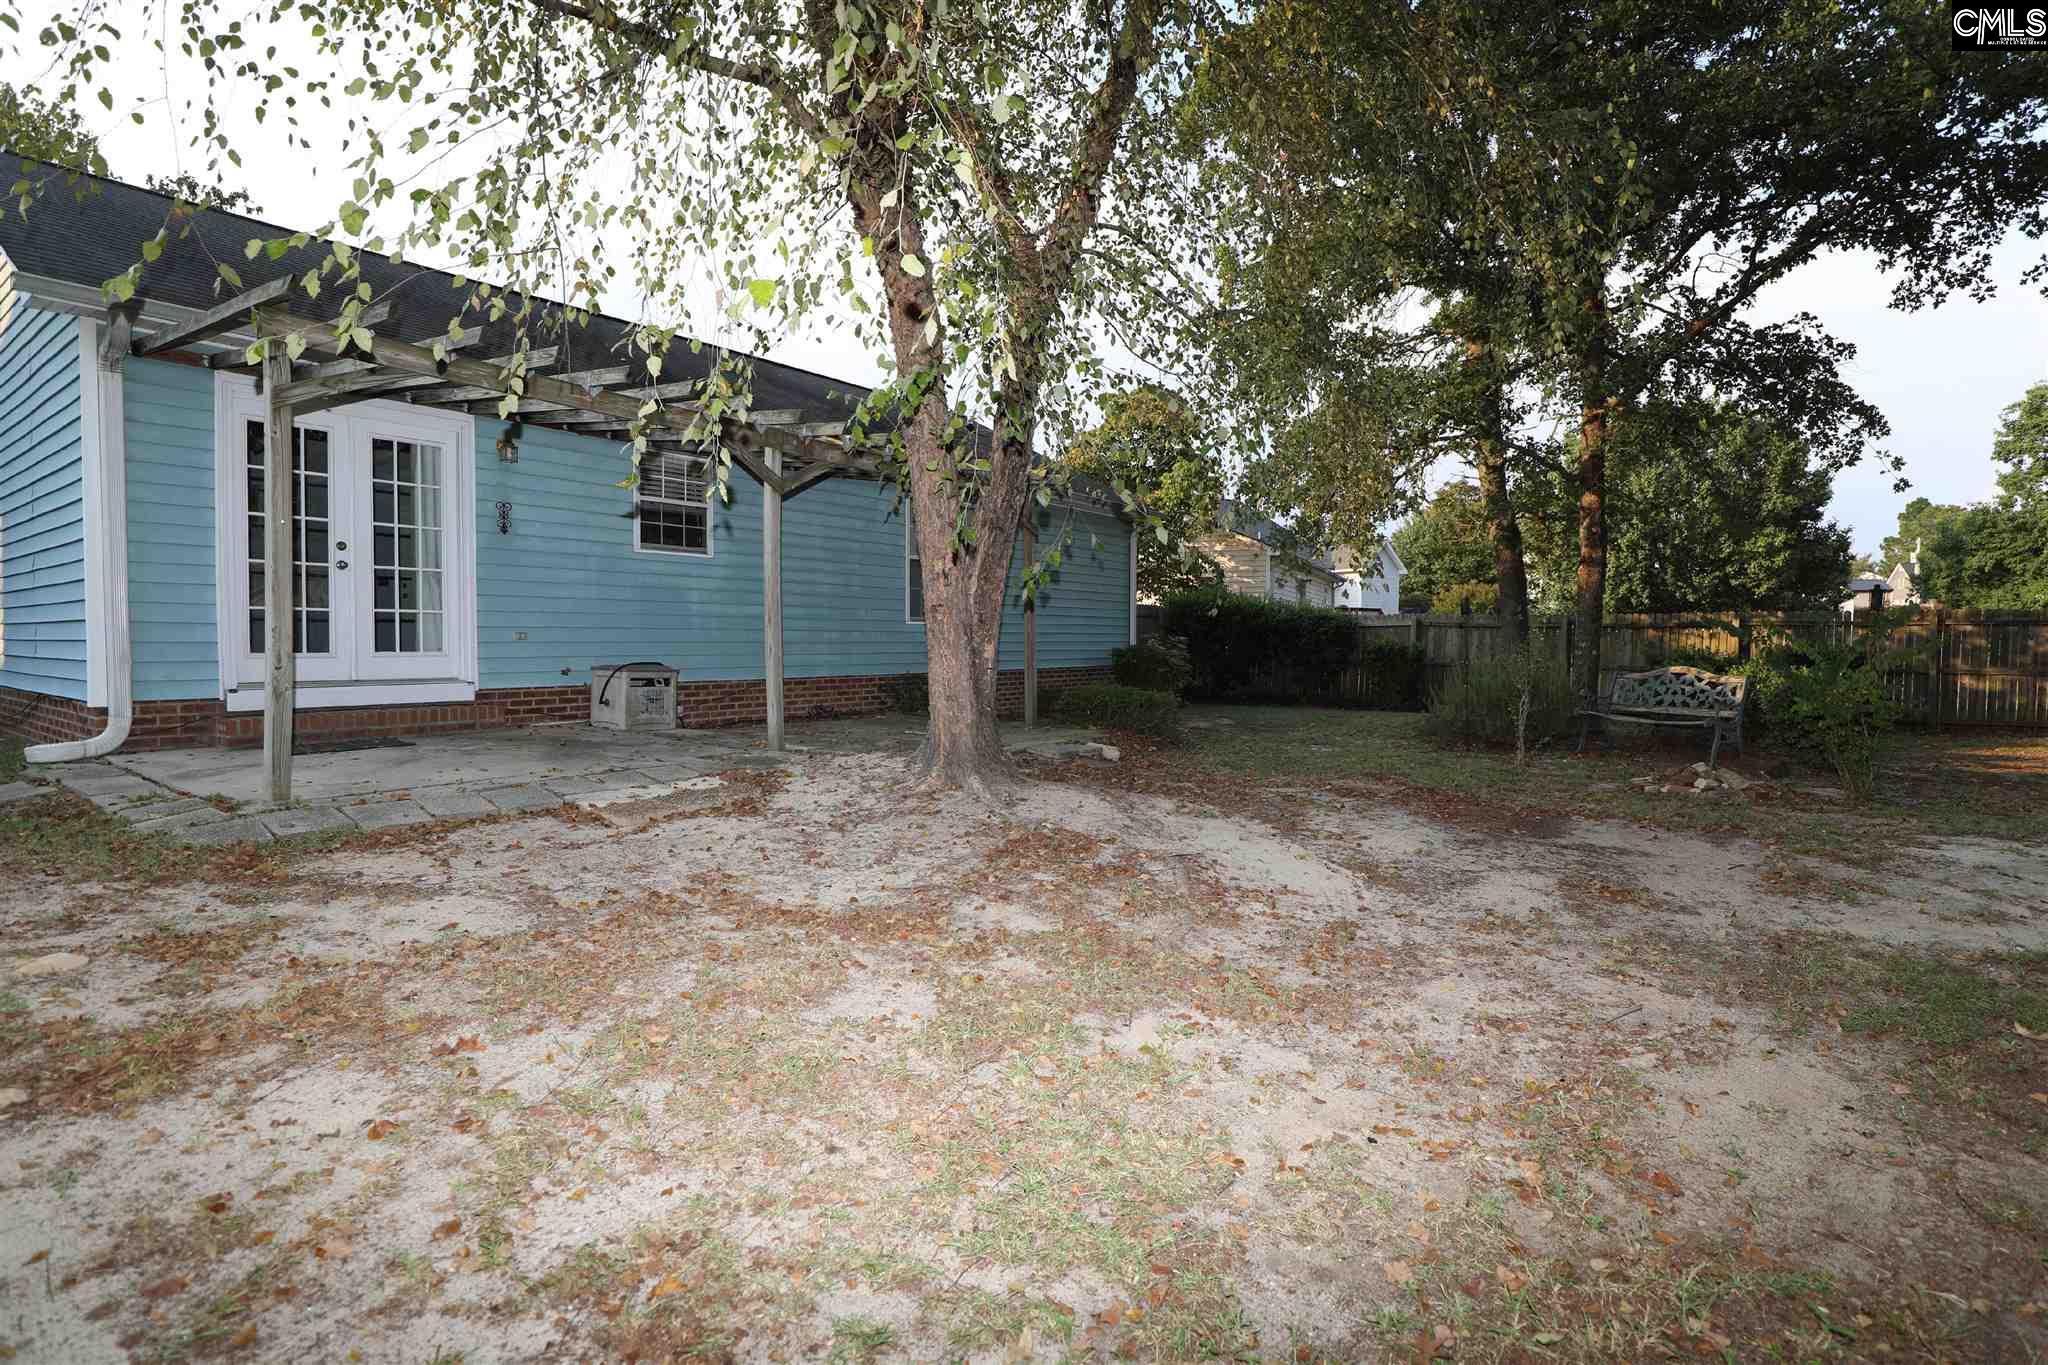 168 Pebble Creek Dr West Columbia, SC 29170